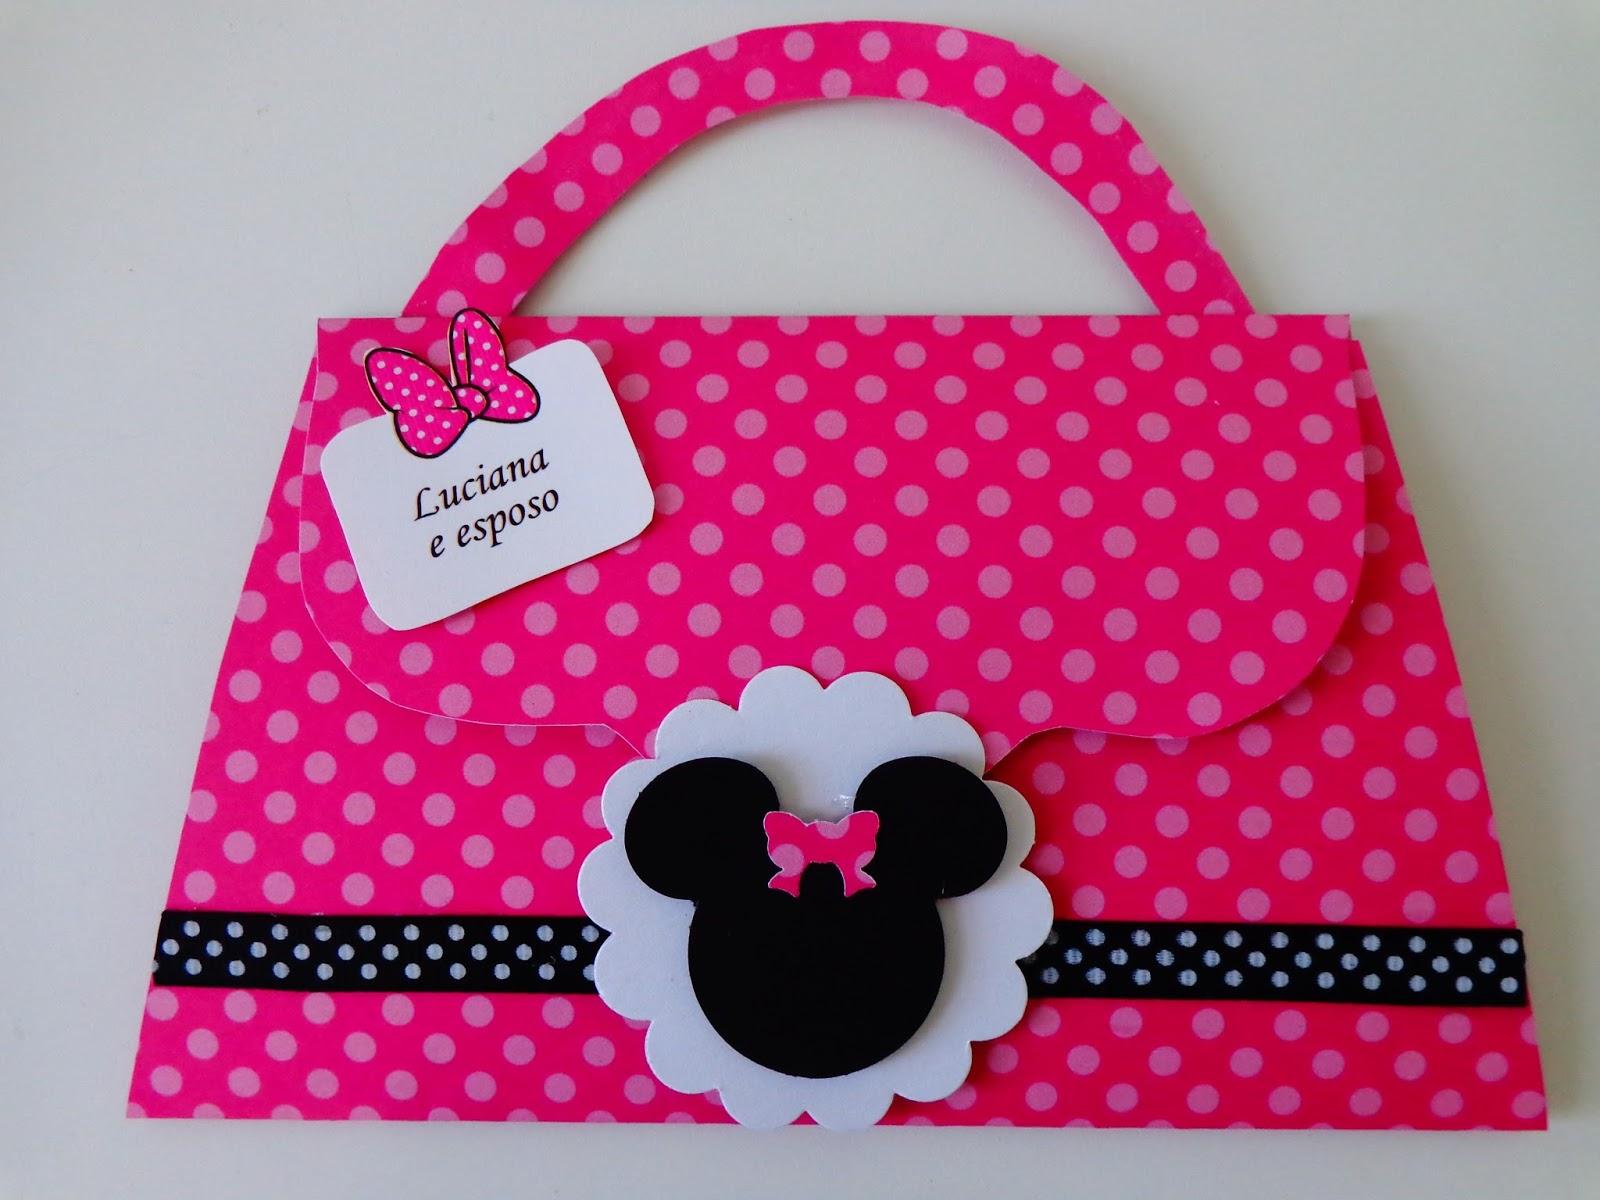 Minnie Rosa Convite Bolsinha Minnie Rosa Convite Bolsinha Minnie Rosa